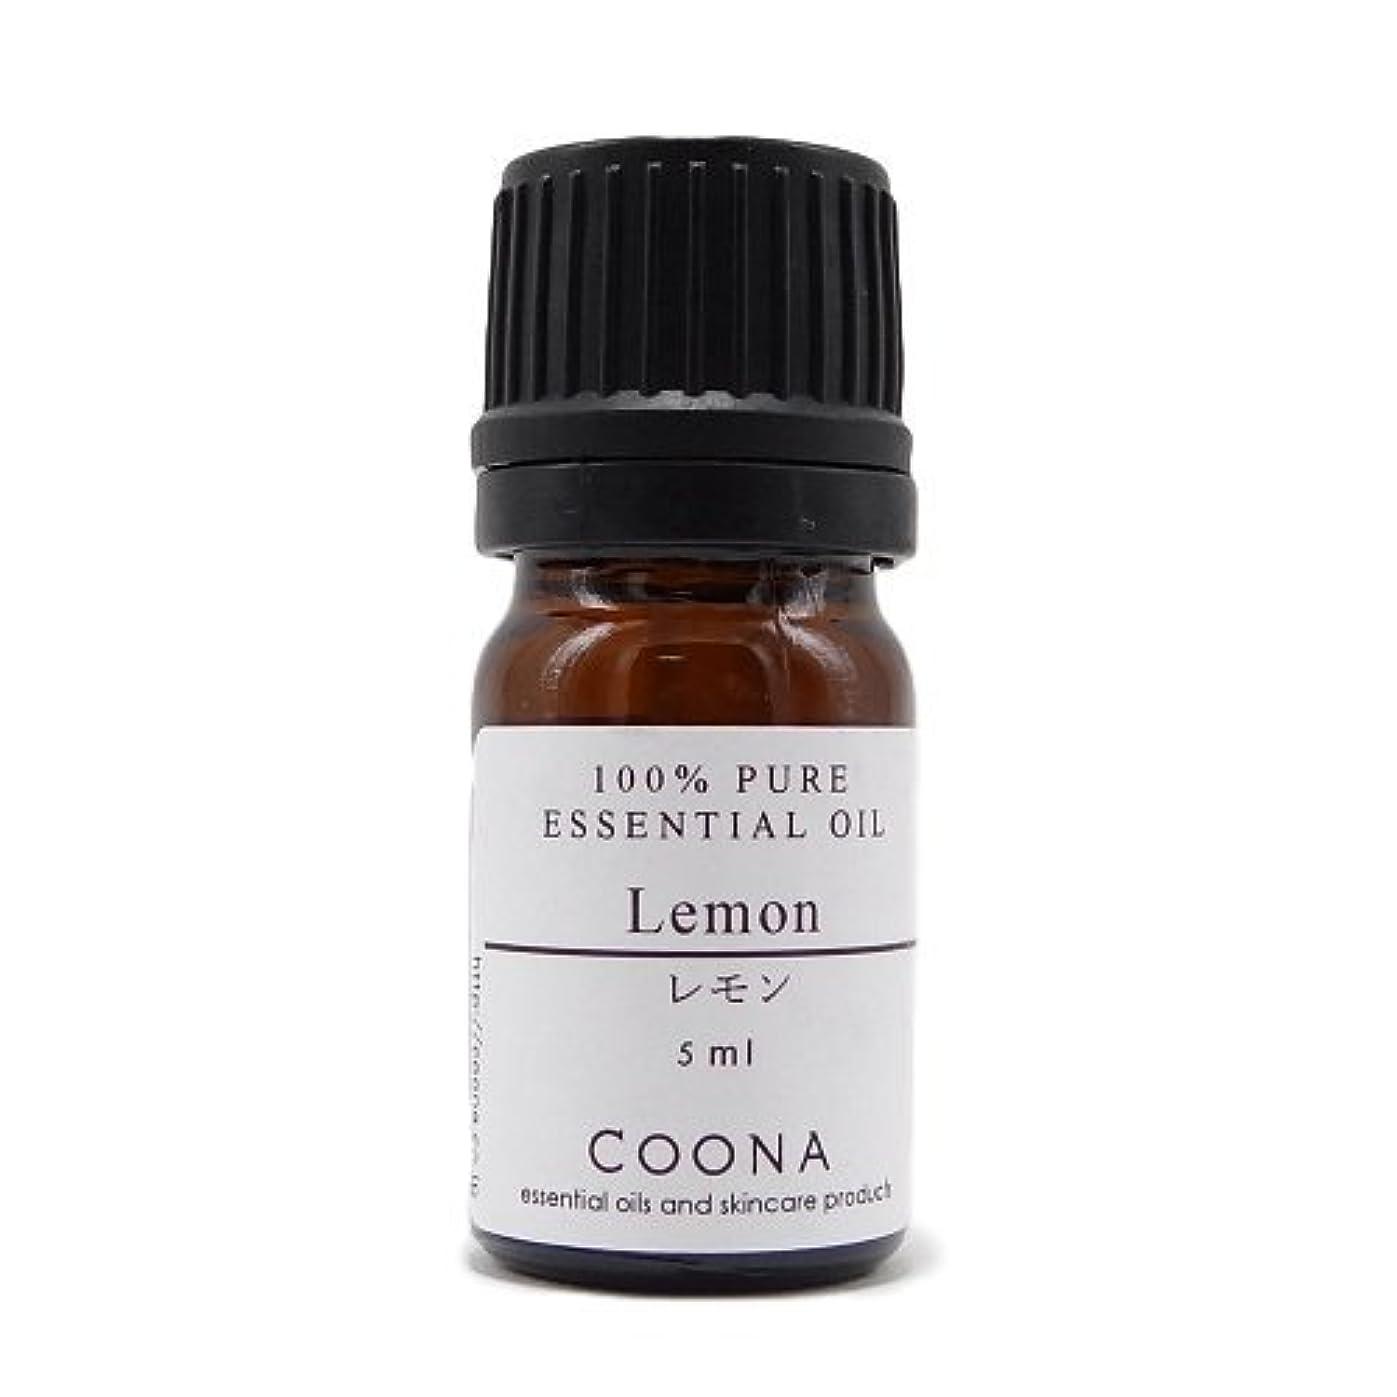 びん上がるボクシングレモン 5 ml (COONA エッセンシャルオイル アロマオイル 100%天然植物精油)